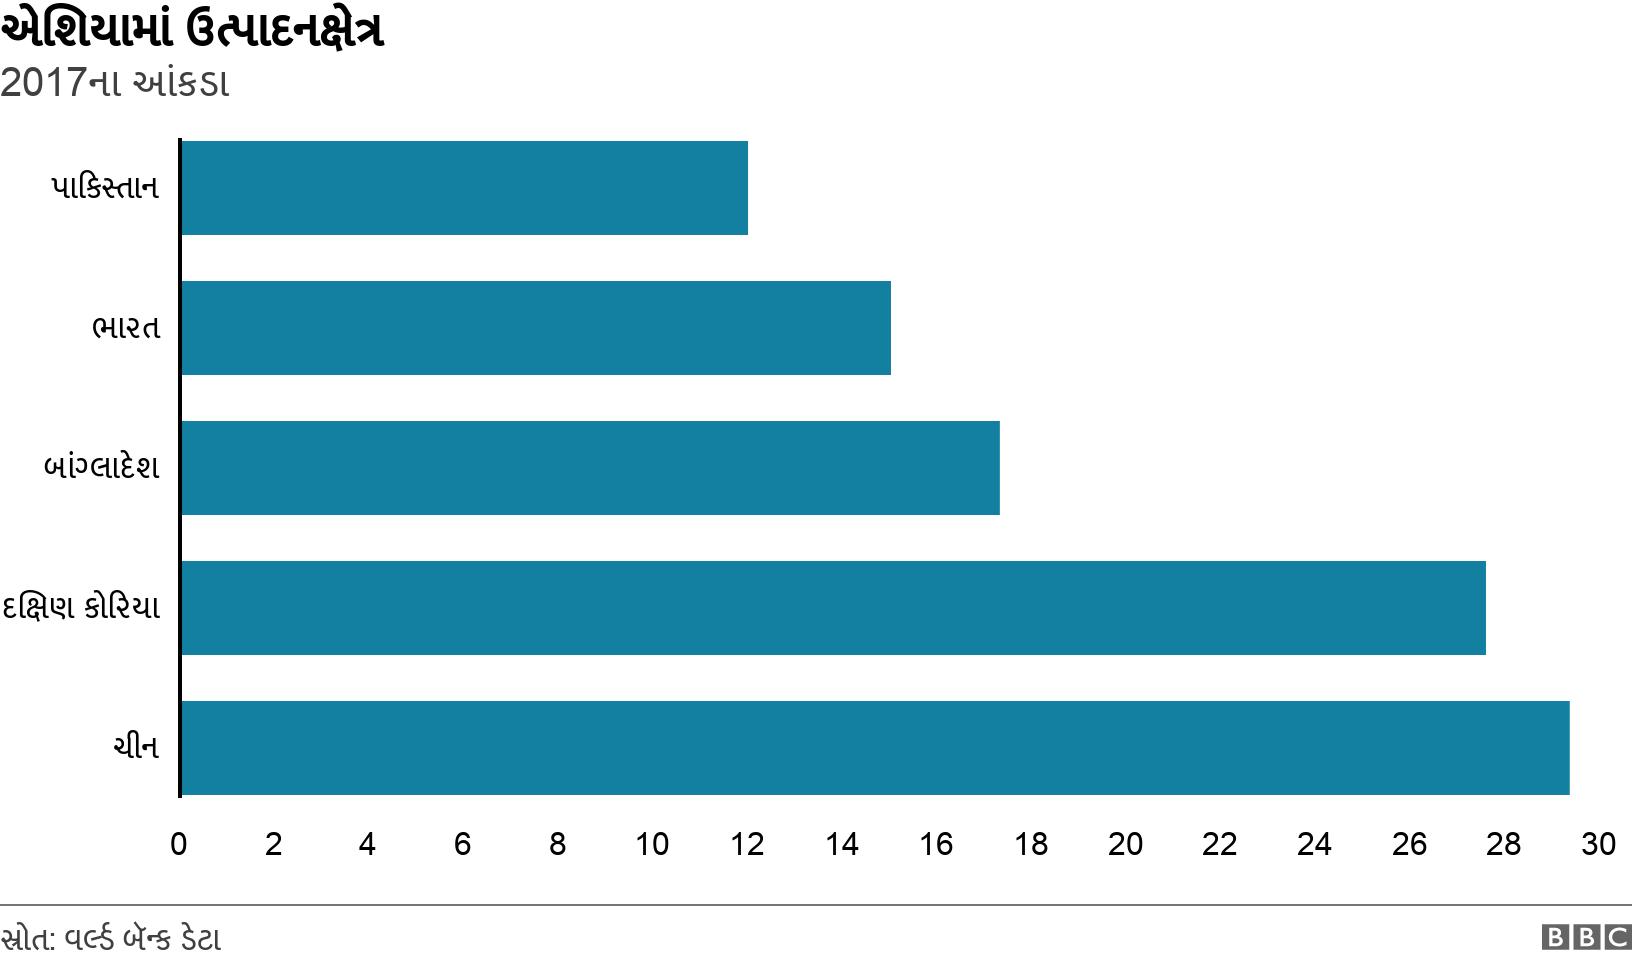 એશિયામાં ઉત્પાદનક્ષેત્ર. 2017ના આંકડા.  .